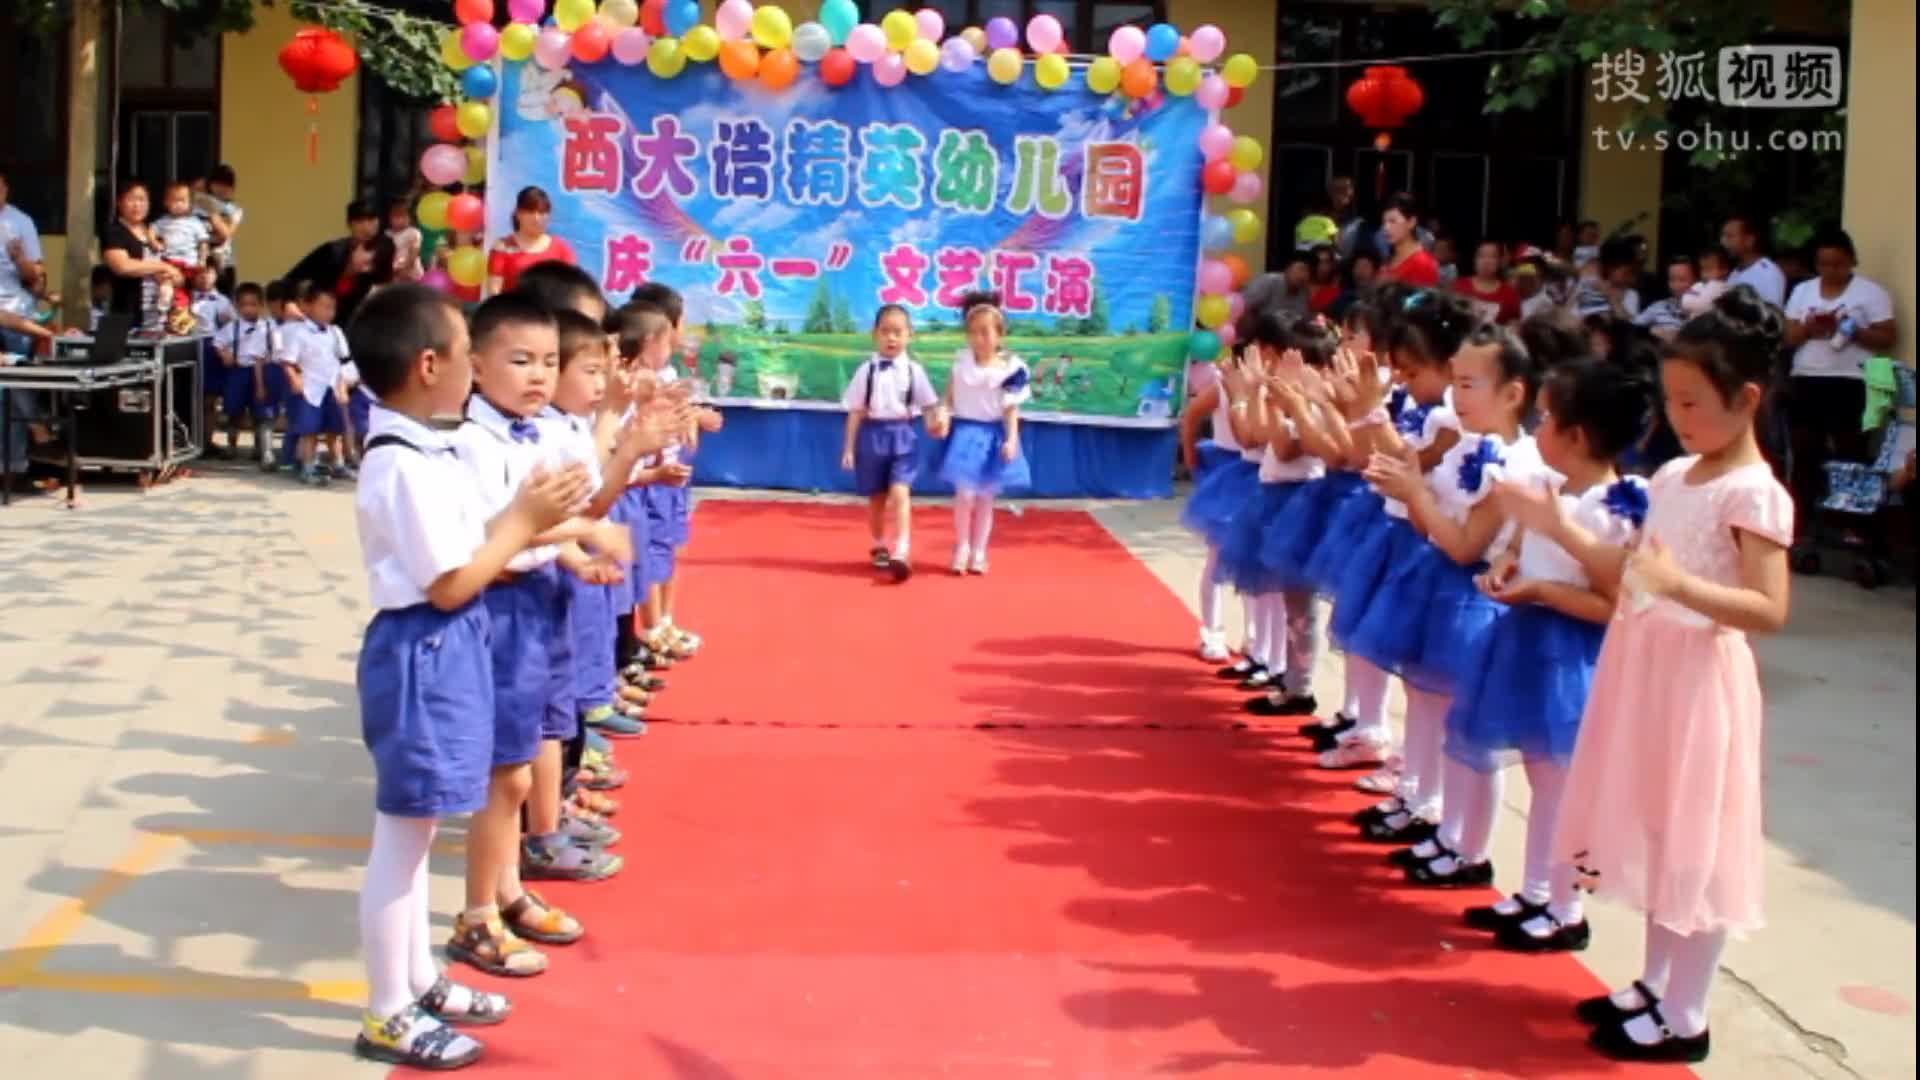 儿童模特走秀 赵县西大诰精英幼儿园六一儿童节汇演